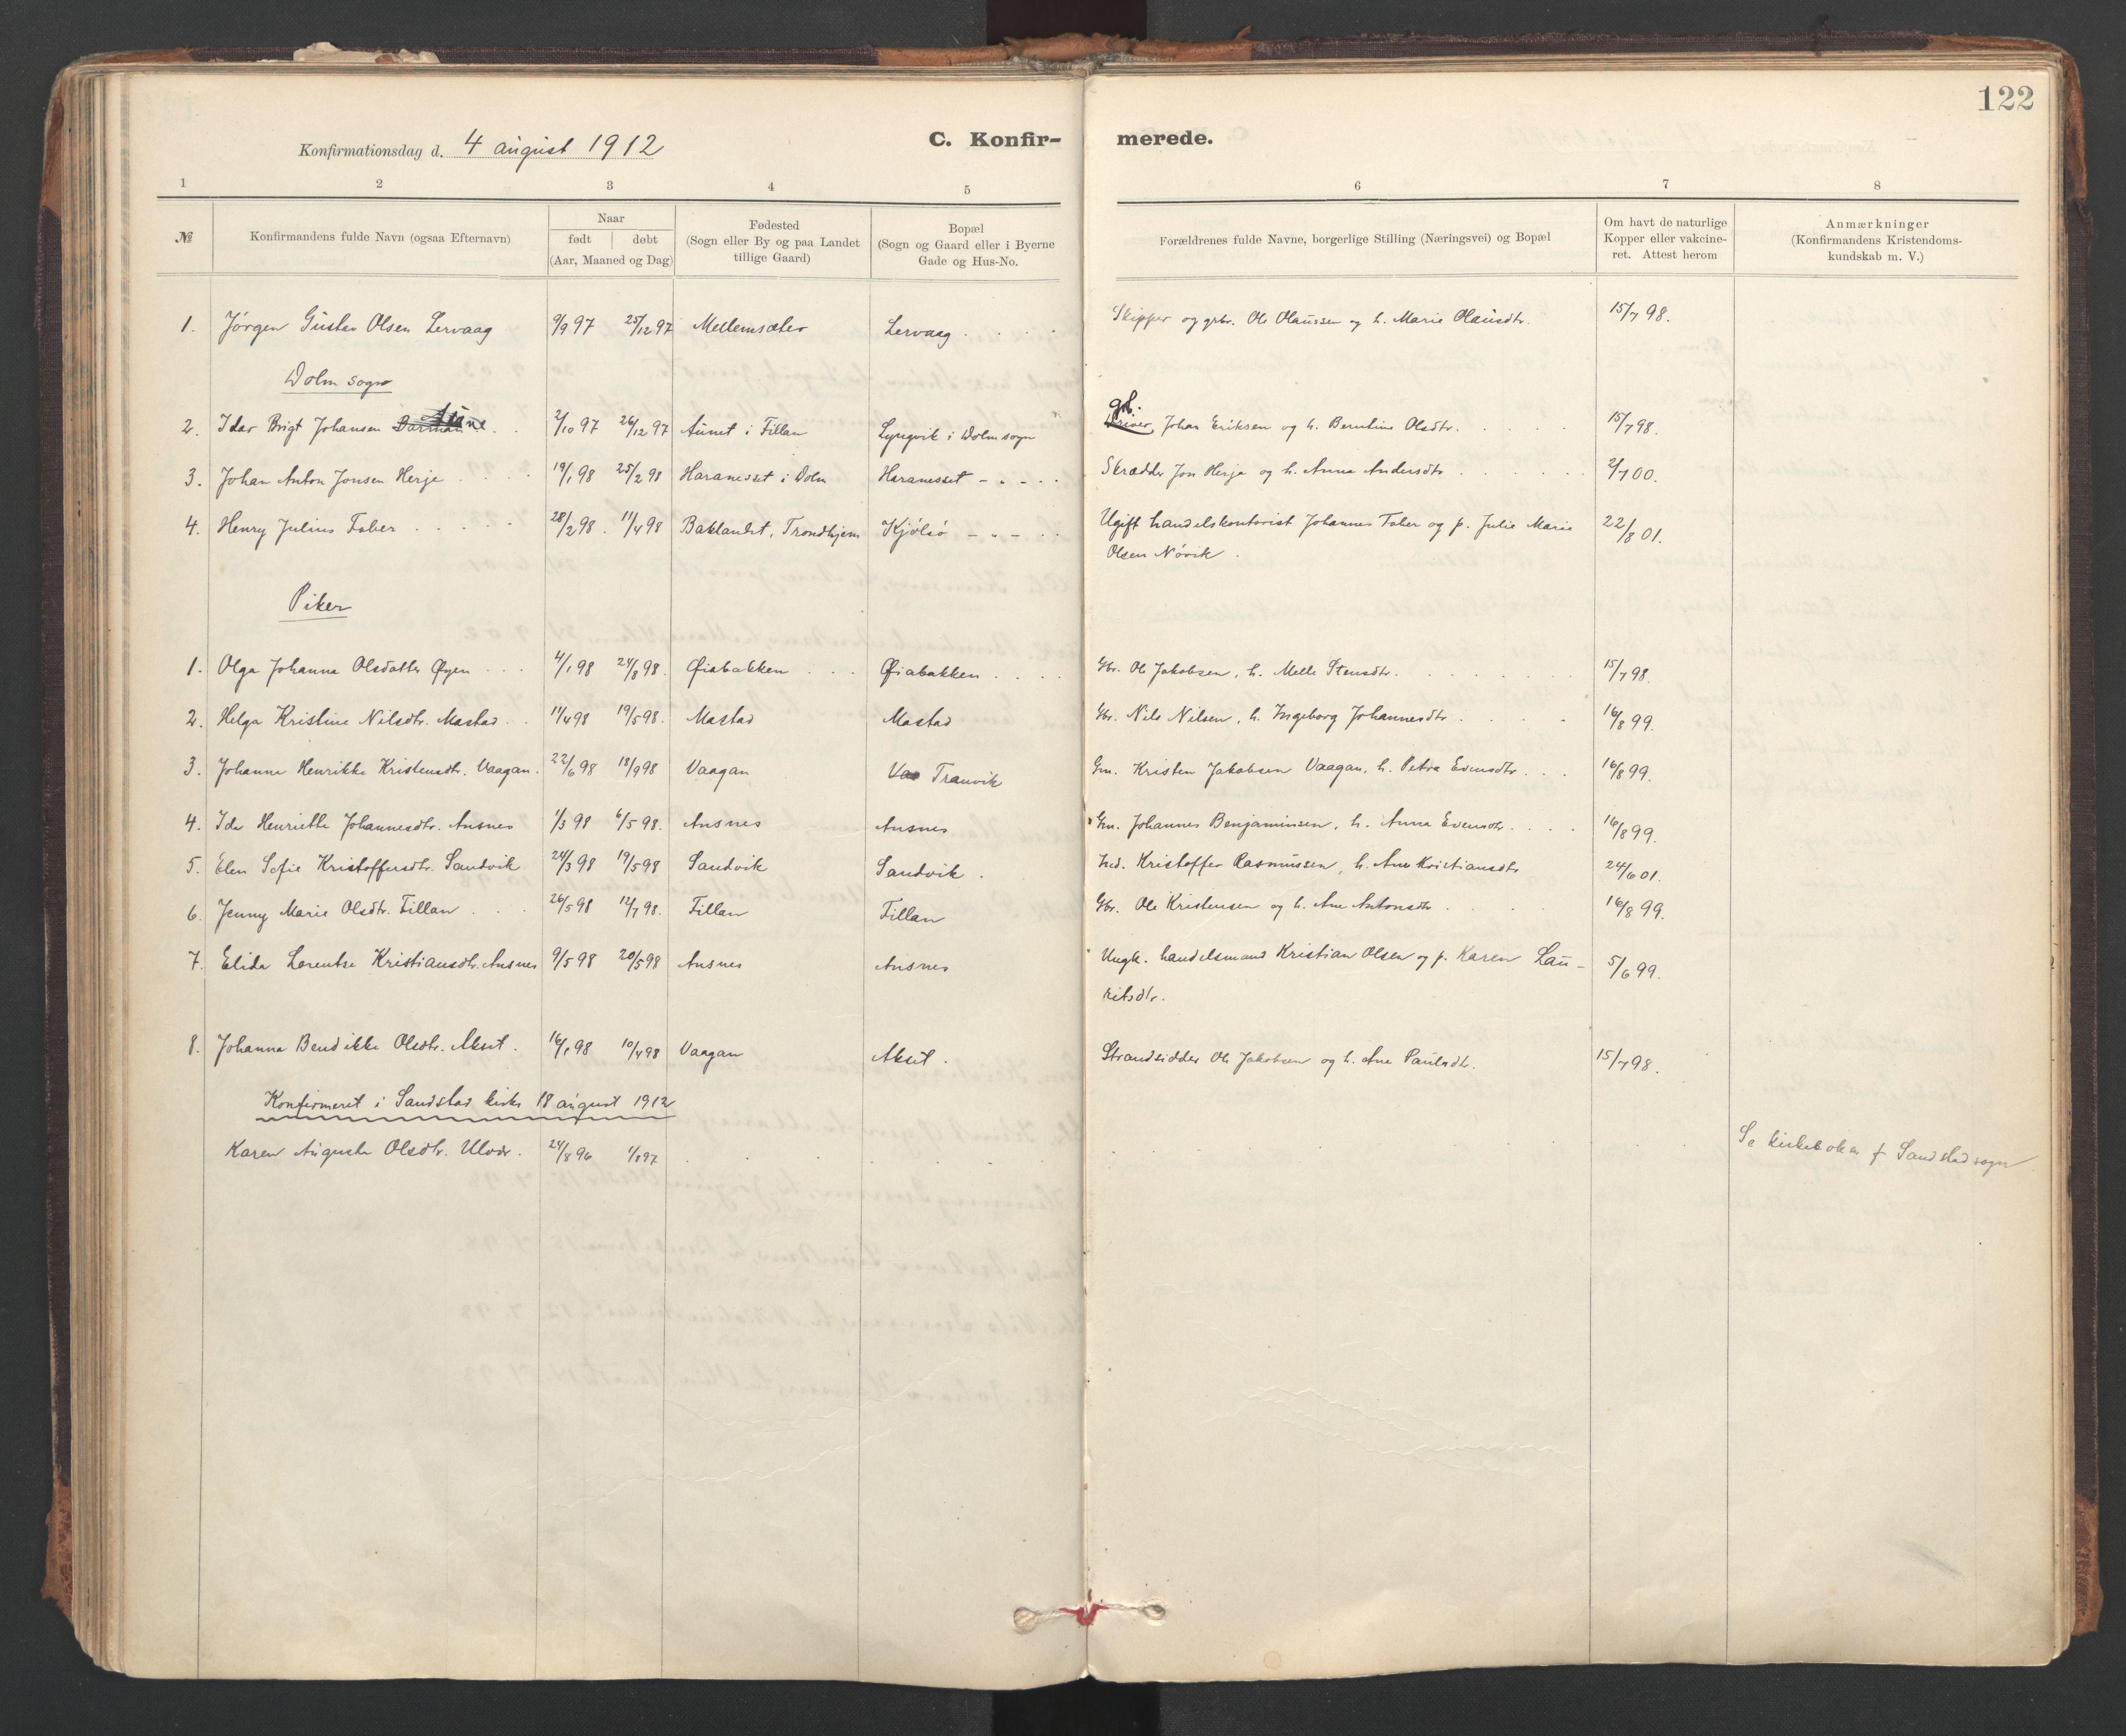 SAT, Ministerialprotokoller, klokkerbøker og fødselsregistre - Sør-Trøndelag, 637/L0559: Ministerialbok nr. 637A02, 1899-1923, s. 122